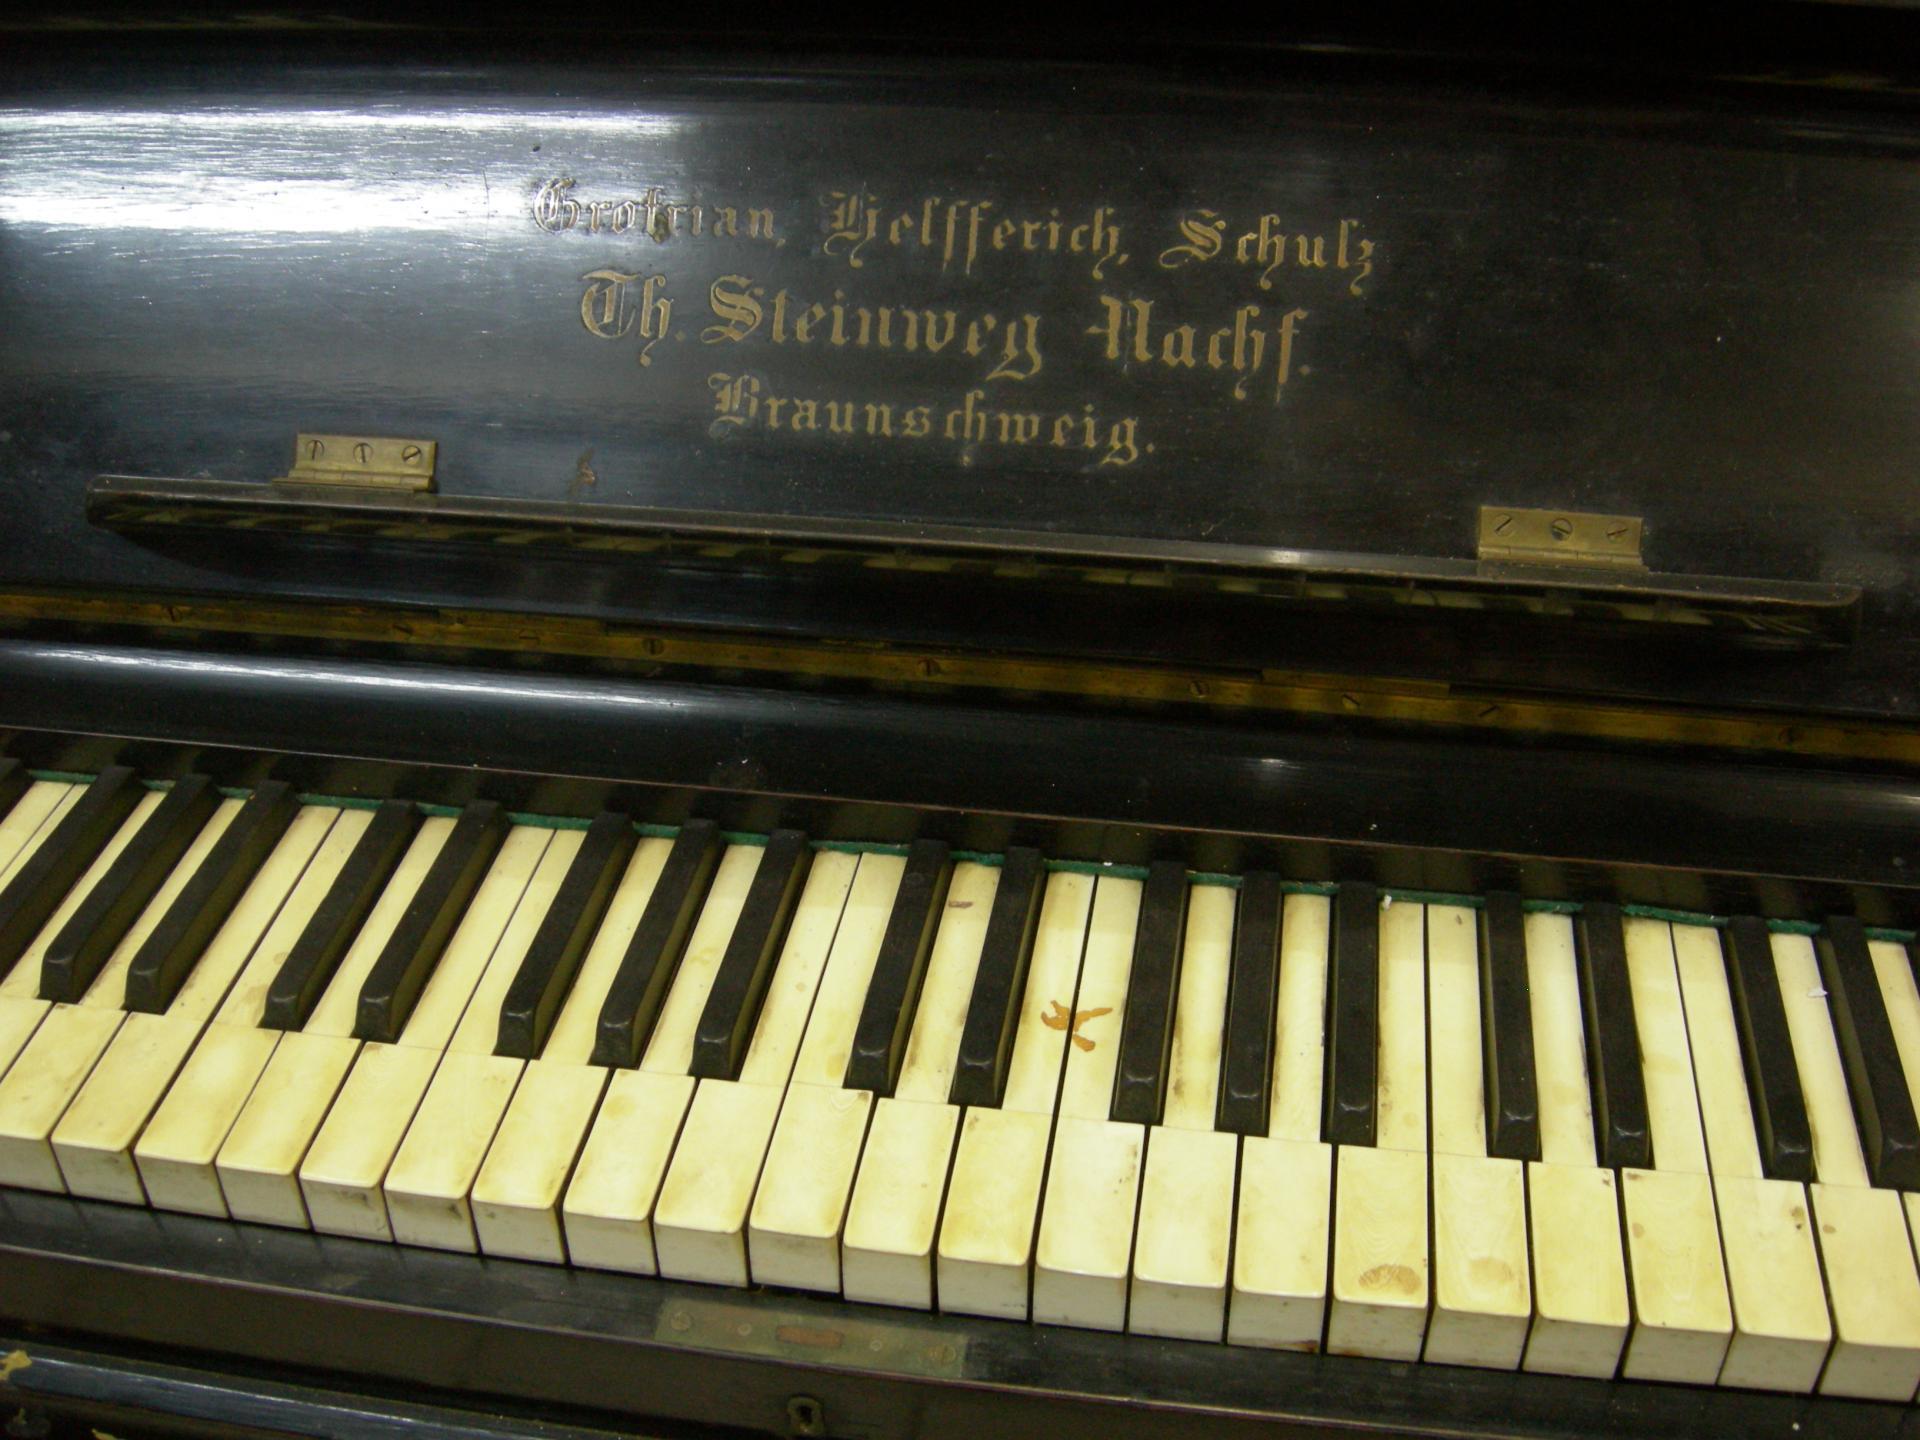 Grotrian helferich clavier avant